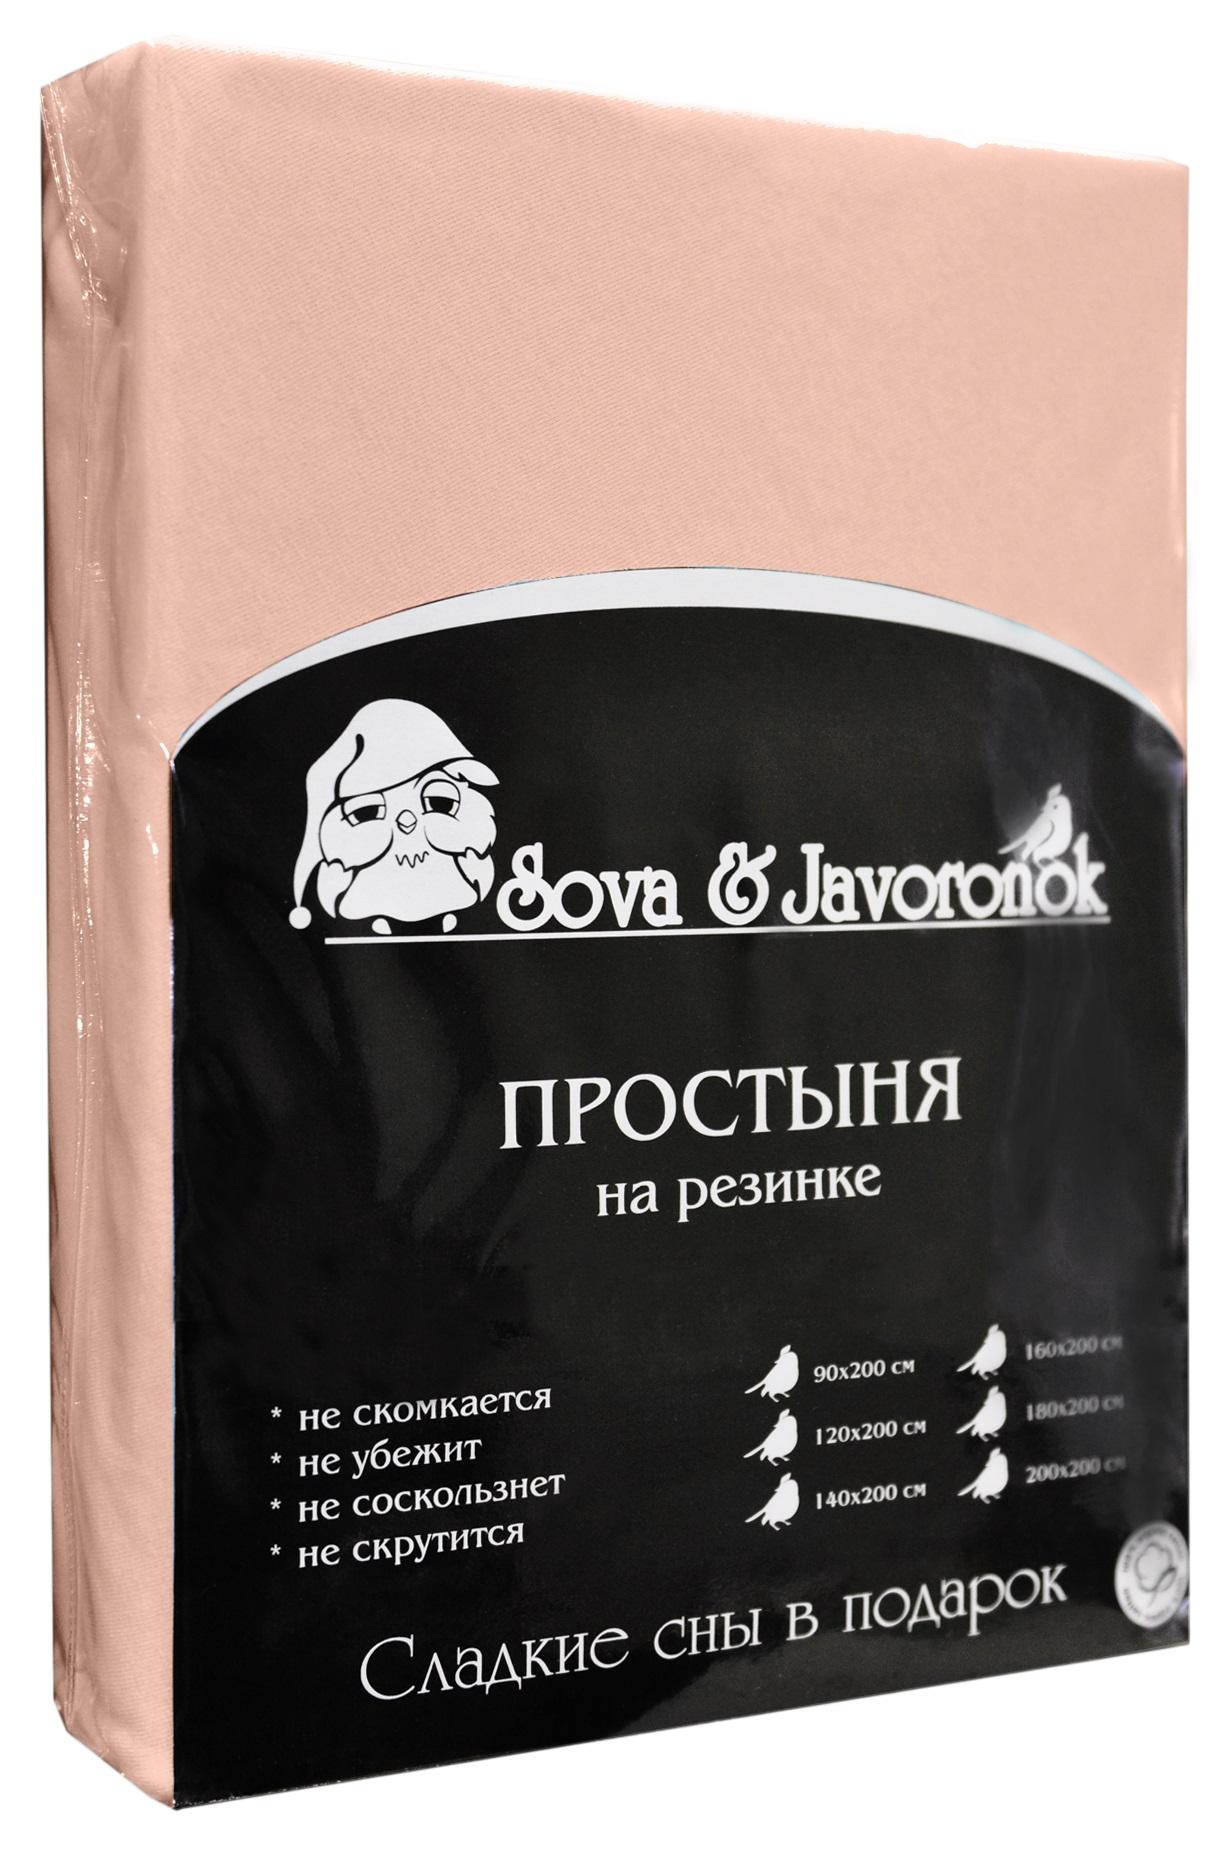 Простыня на резинке Sova & Javoronok, цвет: персиковый, 120 х 200 смES-412Простыня на резинке Sova & Javoronok, изготовленная из трикотажной ткани (100% хлопок), будет превосходно смотреться с любыми комплектами белья. Хлопчатобумажный трикотаж по праву считается одним из самых качественных, прочных и при этом приятных на ощупь. Его гигиеничность позволяет использовать простыню и в детских комнатах, к тому же 100%-ый хлопок в составе ткани не вызовет аллергии. У трикотажного полотна очень интересная структура, немного рыхлая за счет отсутствия плотного переплетения нитей и наличия особых петель, благодаря этому простыня Сова и Жаворонок отлично пропускает воздух и способствует его постоянной циркуляции. Поэтому ваша постель будет всегда оставаться свежей. Но главное и, пожалуй, самое известное свойство трикотажа - это его великолепная растяжимость, поэтому эта ткань и была выбрана для натяжной простыни на резинке.Простыня прошита резинкой по всему периметру, что обеспечивает более комфортный отдых, так как она прочно удерживается на матрасе и избавляет от необходимости часто поправлять простыню.